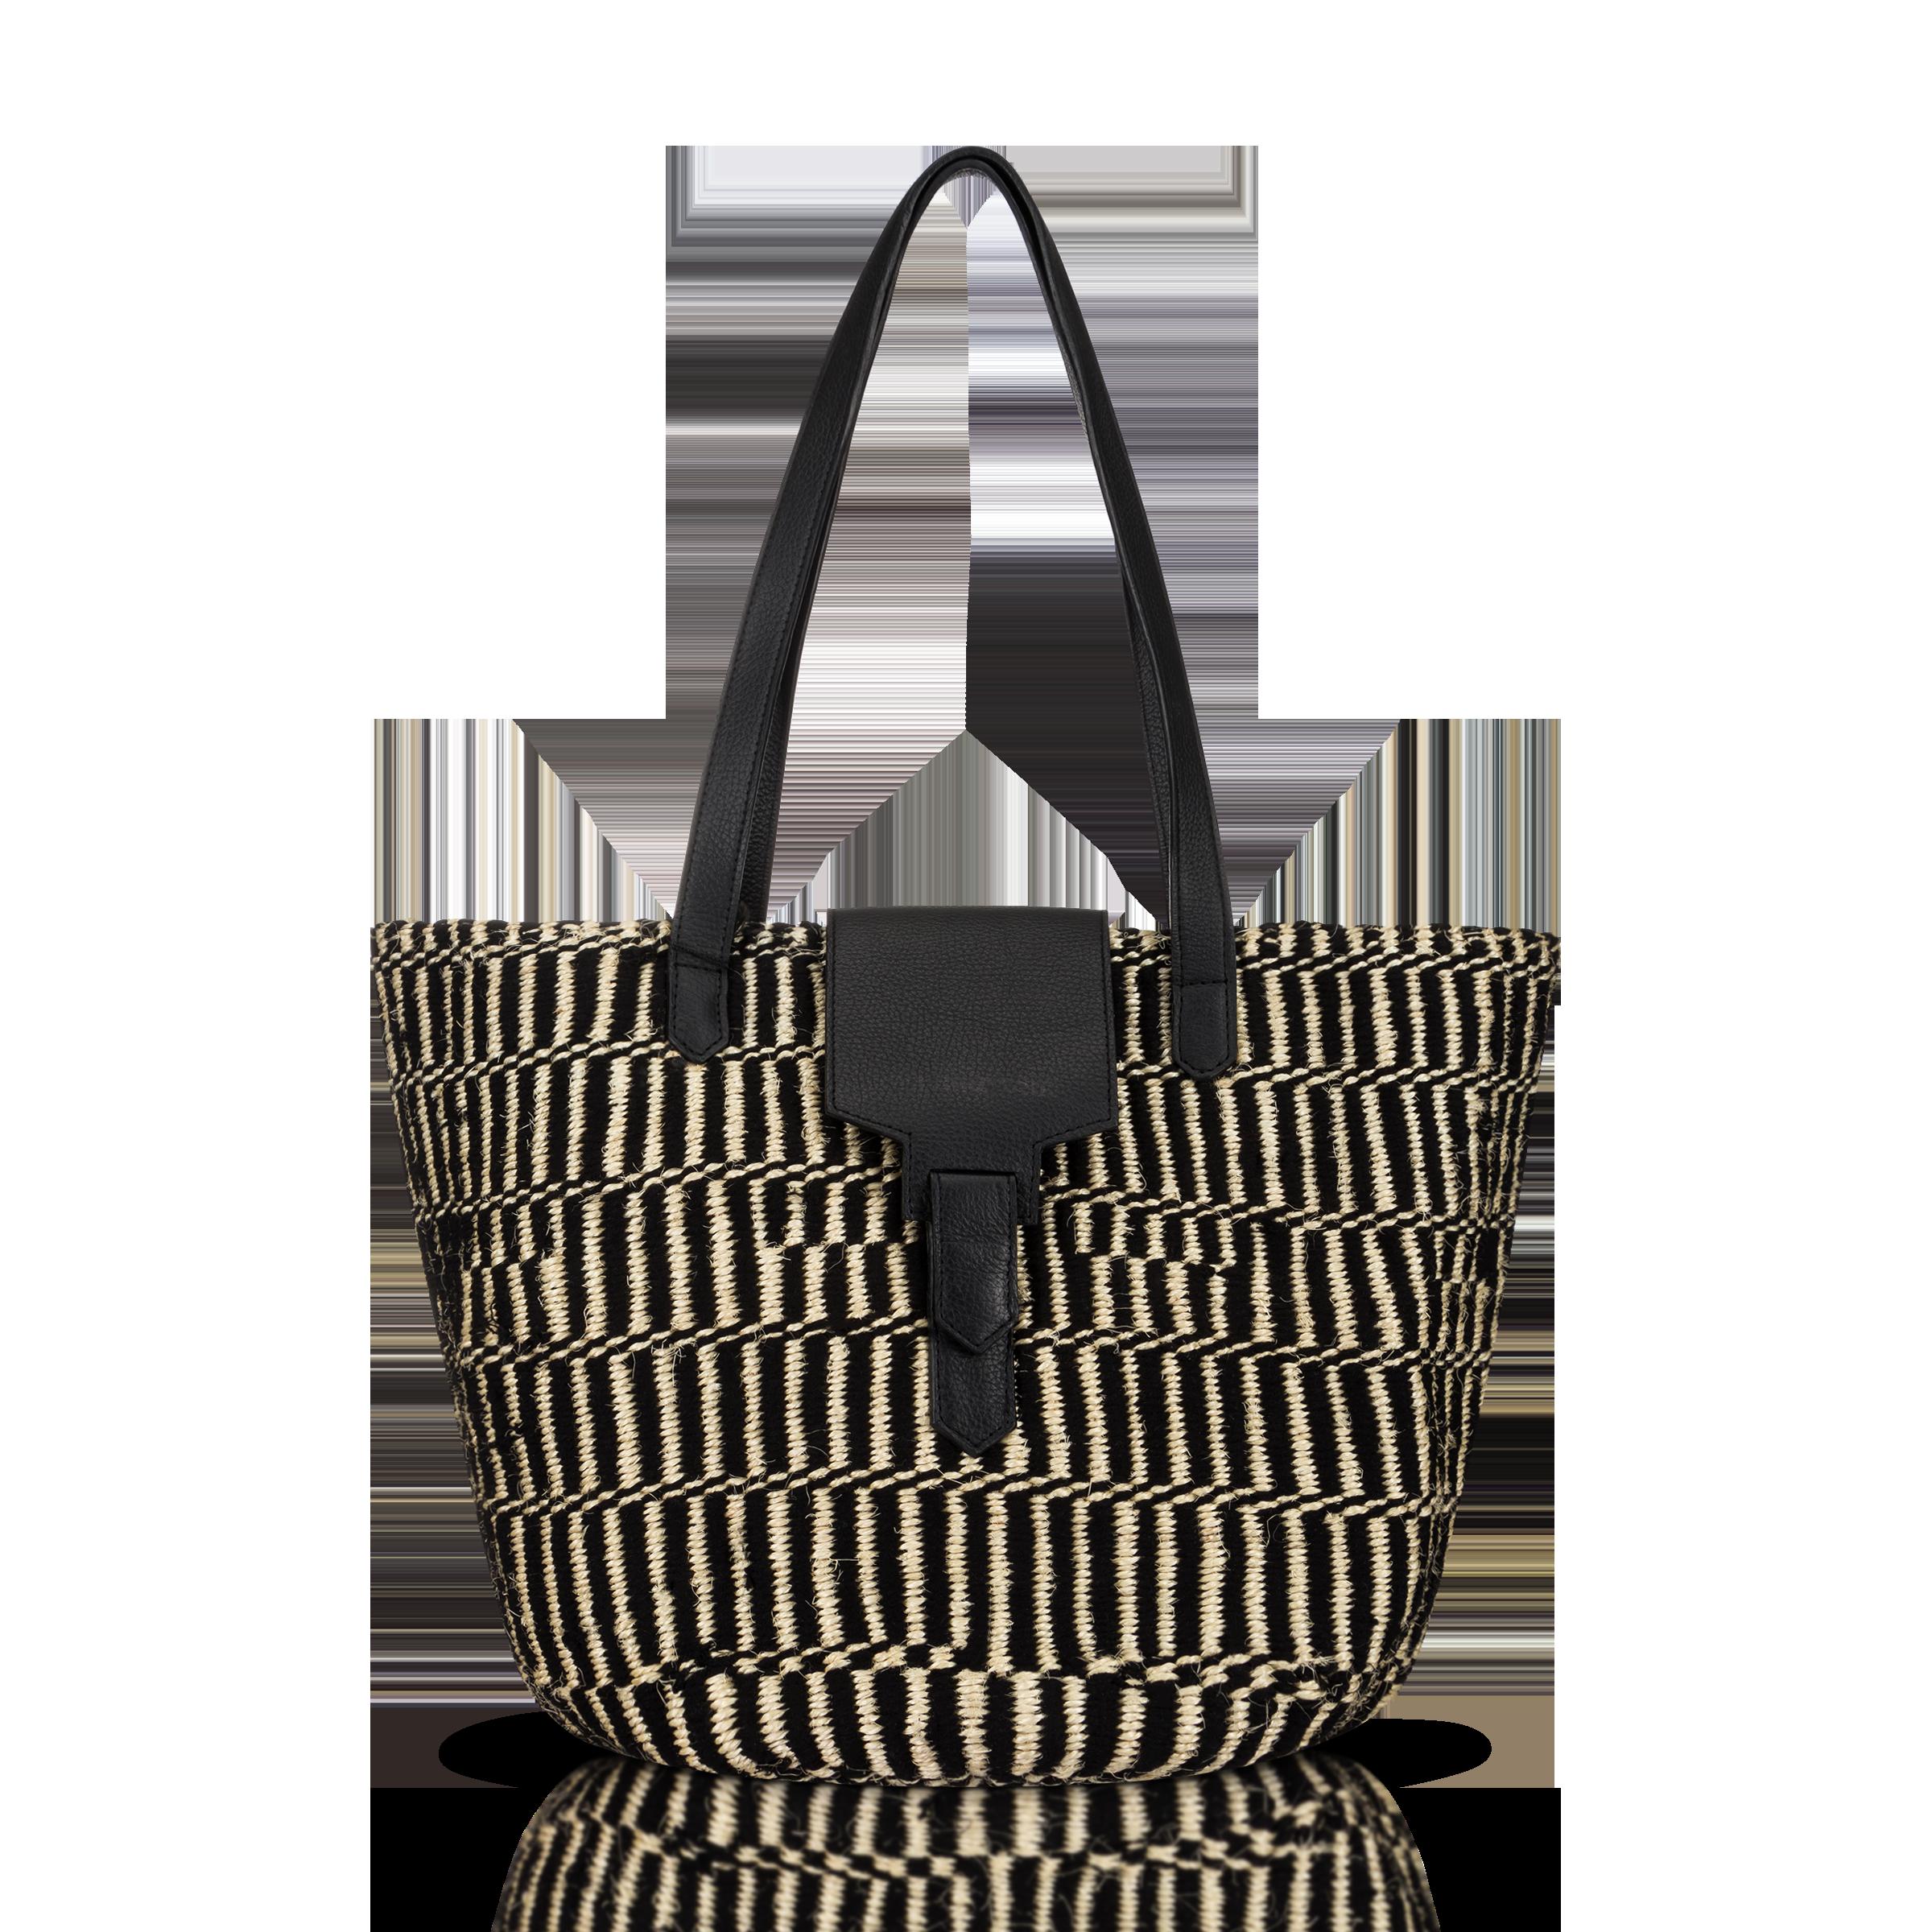 Handbag  product image